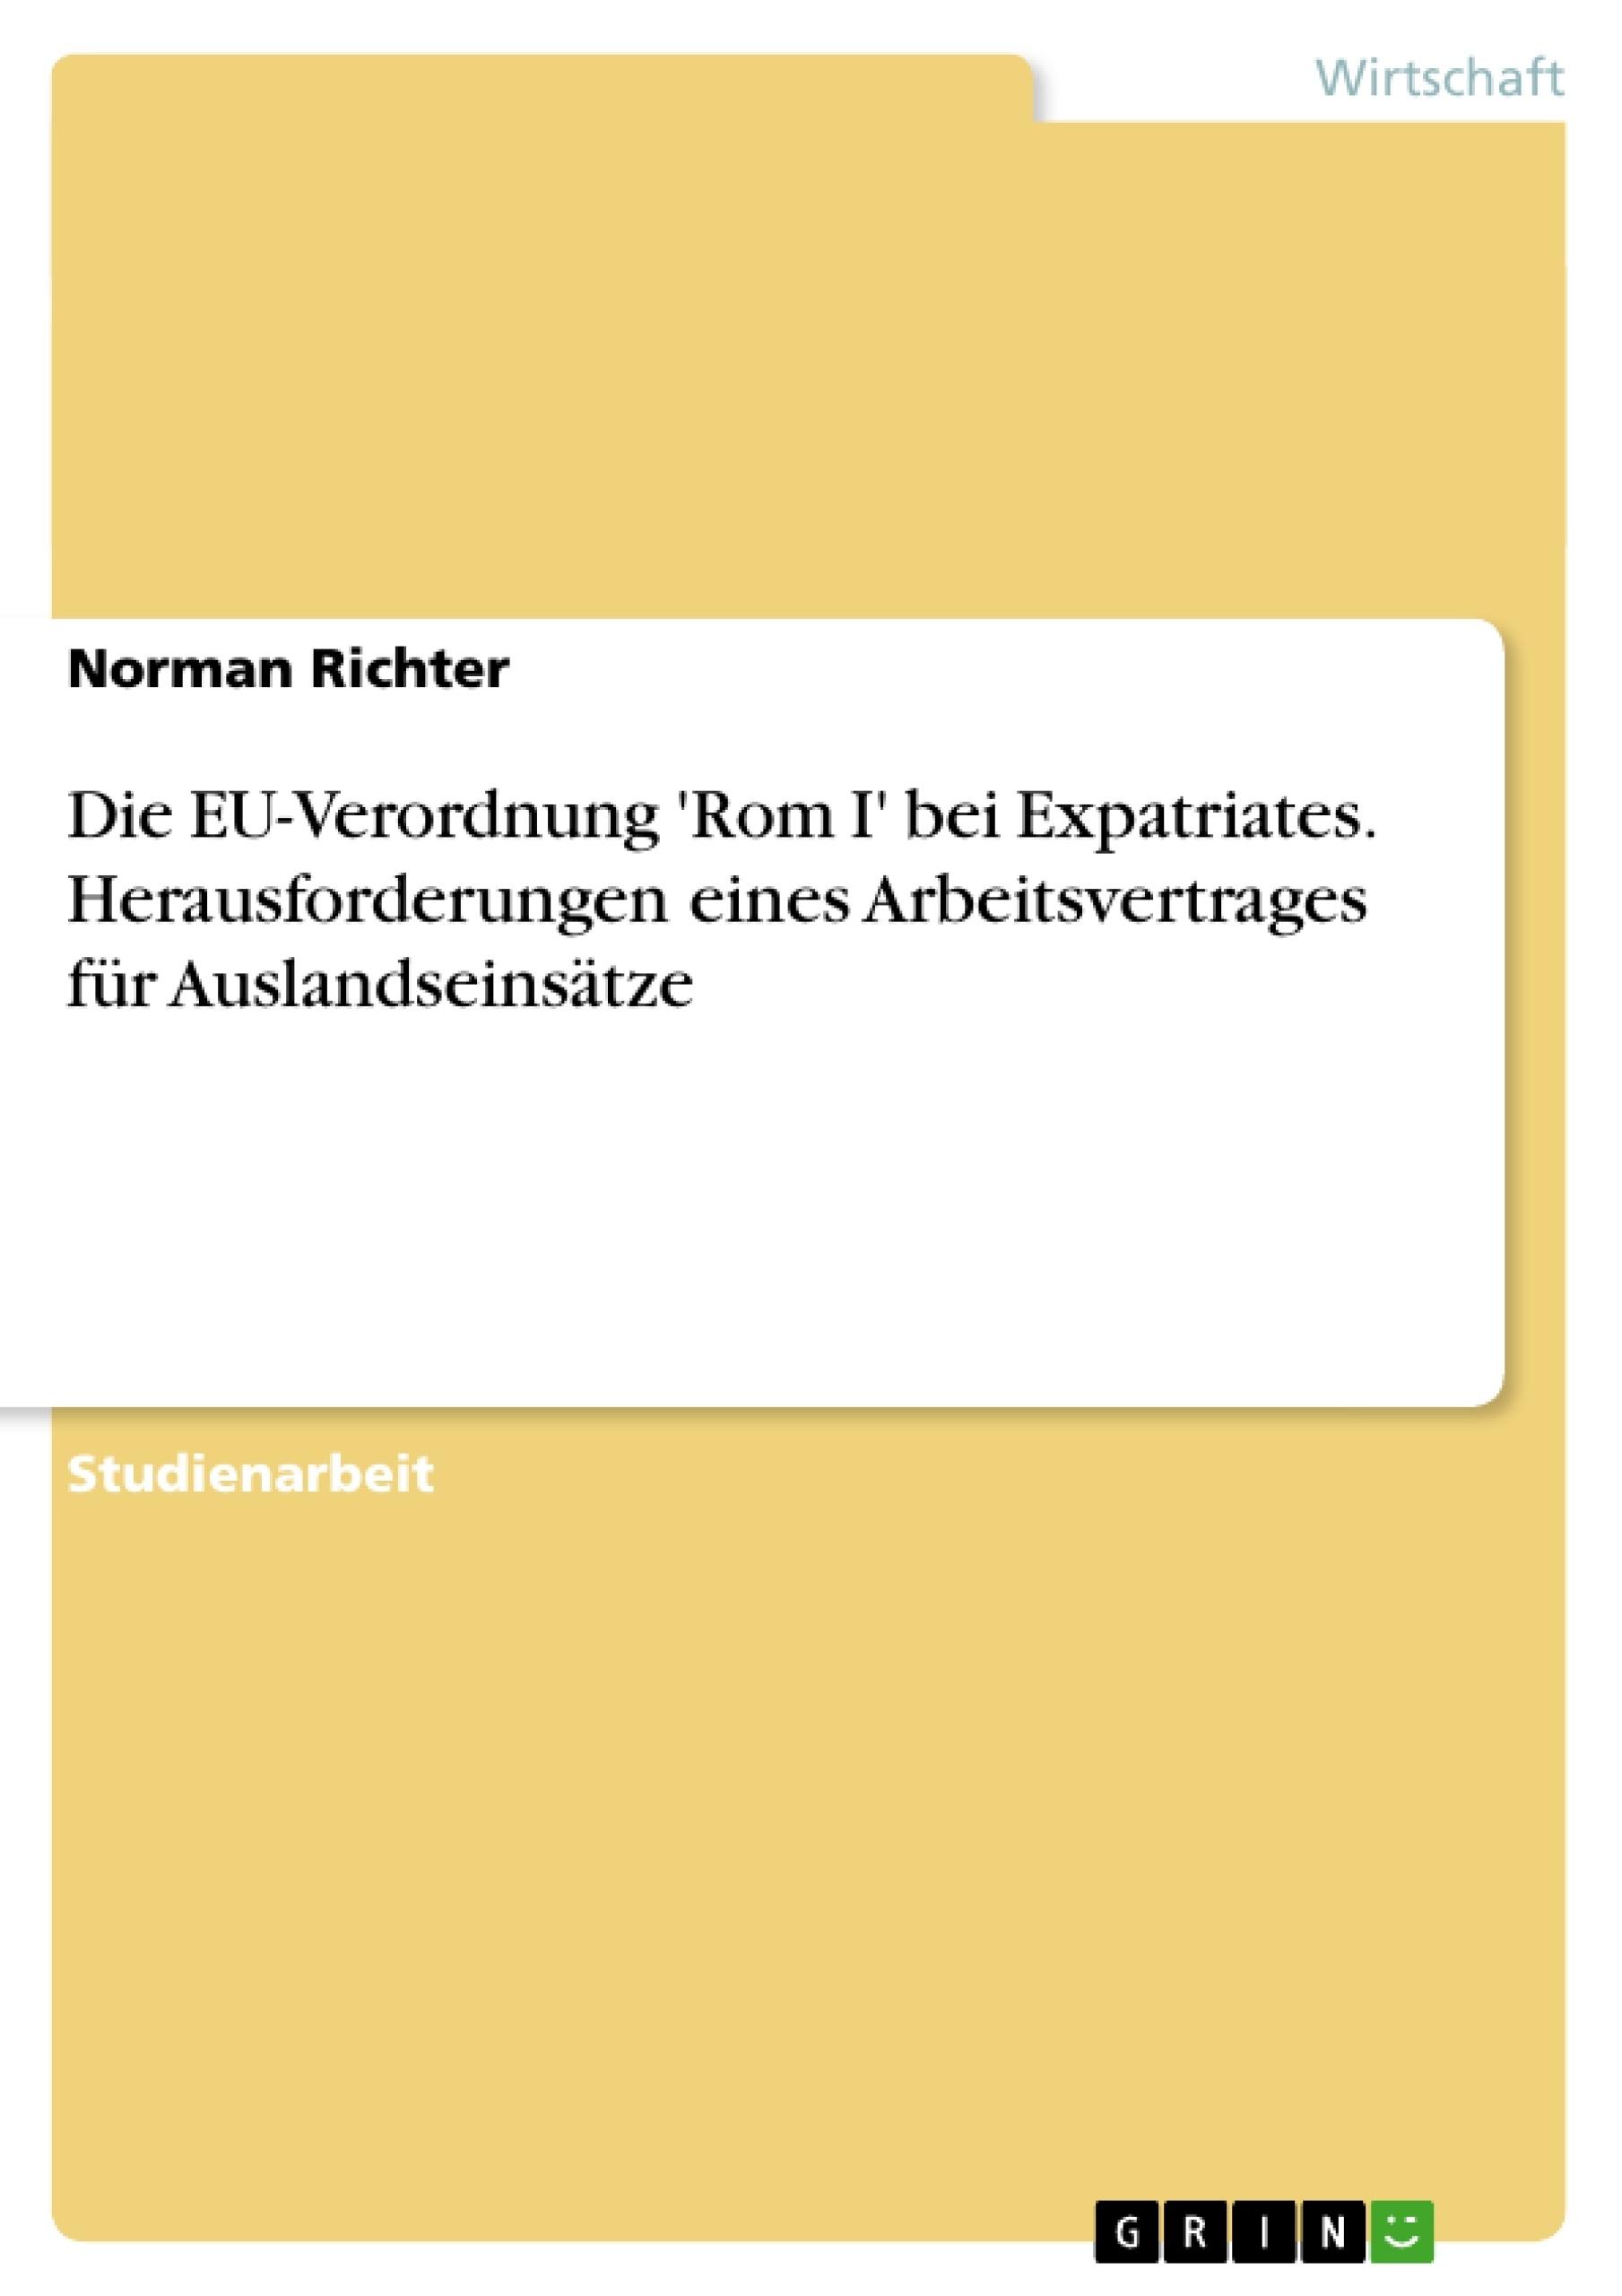 Titel: Die EU-Verordnung 'Rom I' bei Expatriates. Herausforderungen eines  Arbeitsvertrages für Auslandseinsätze